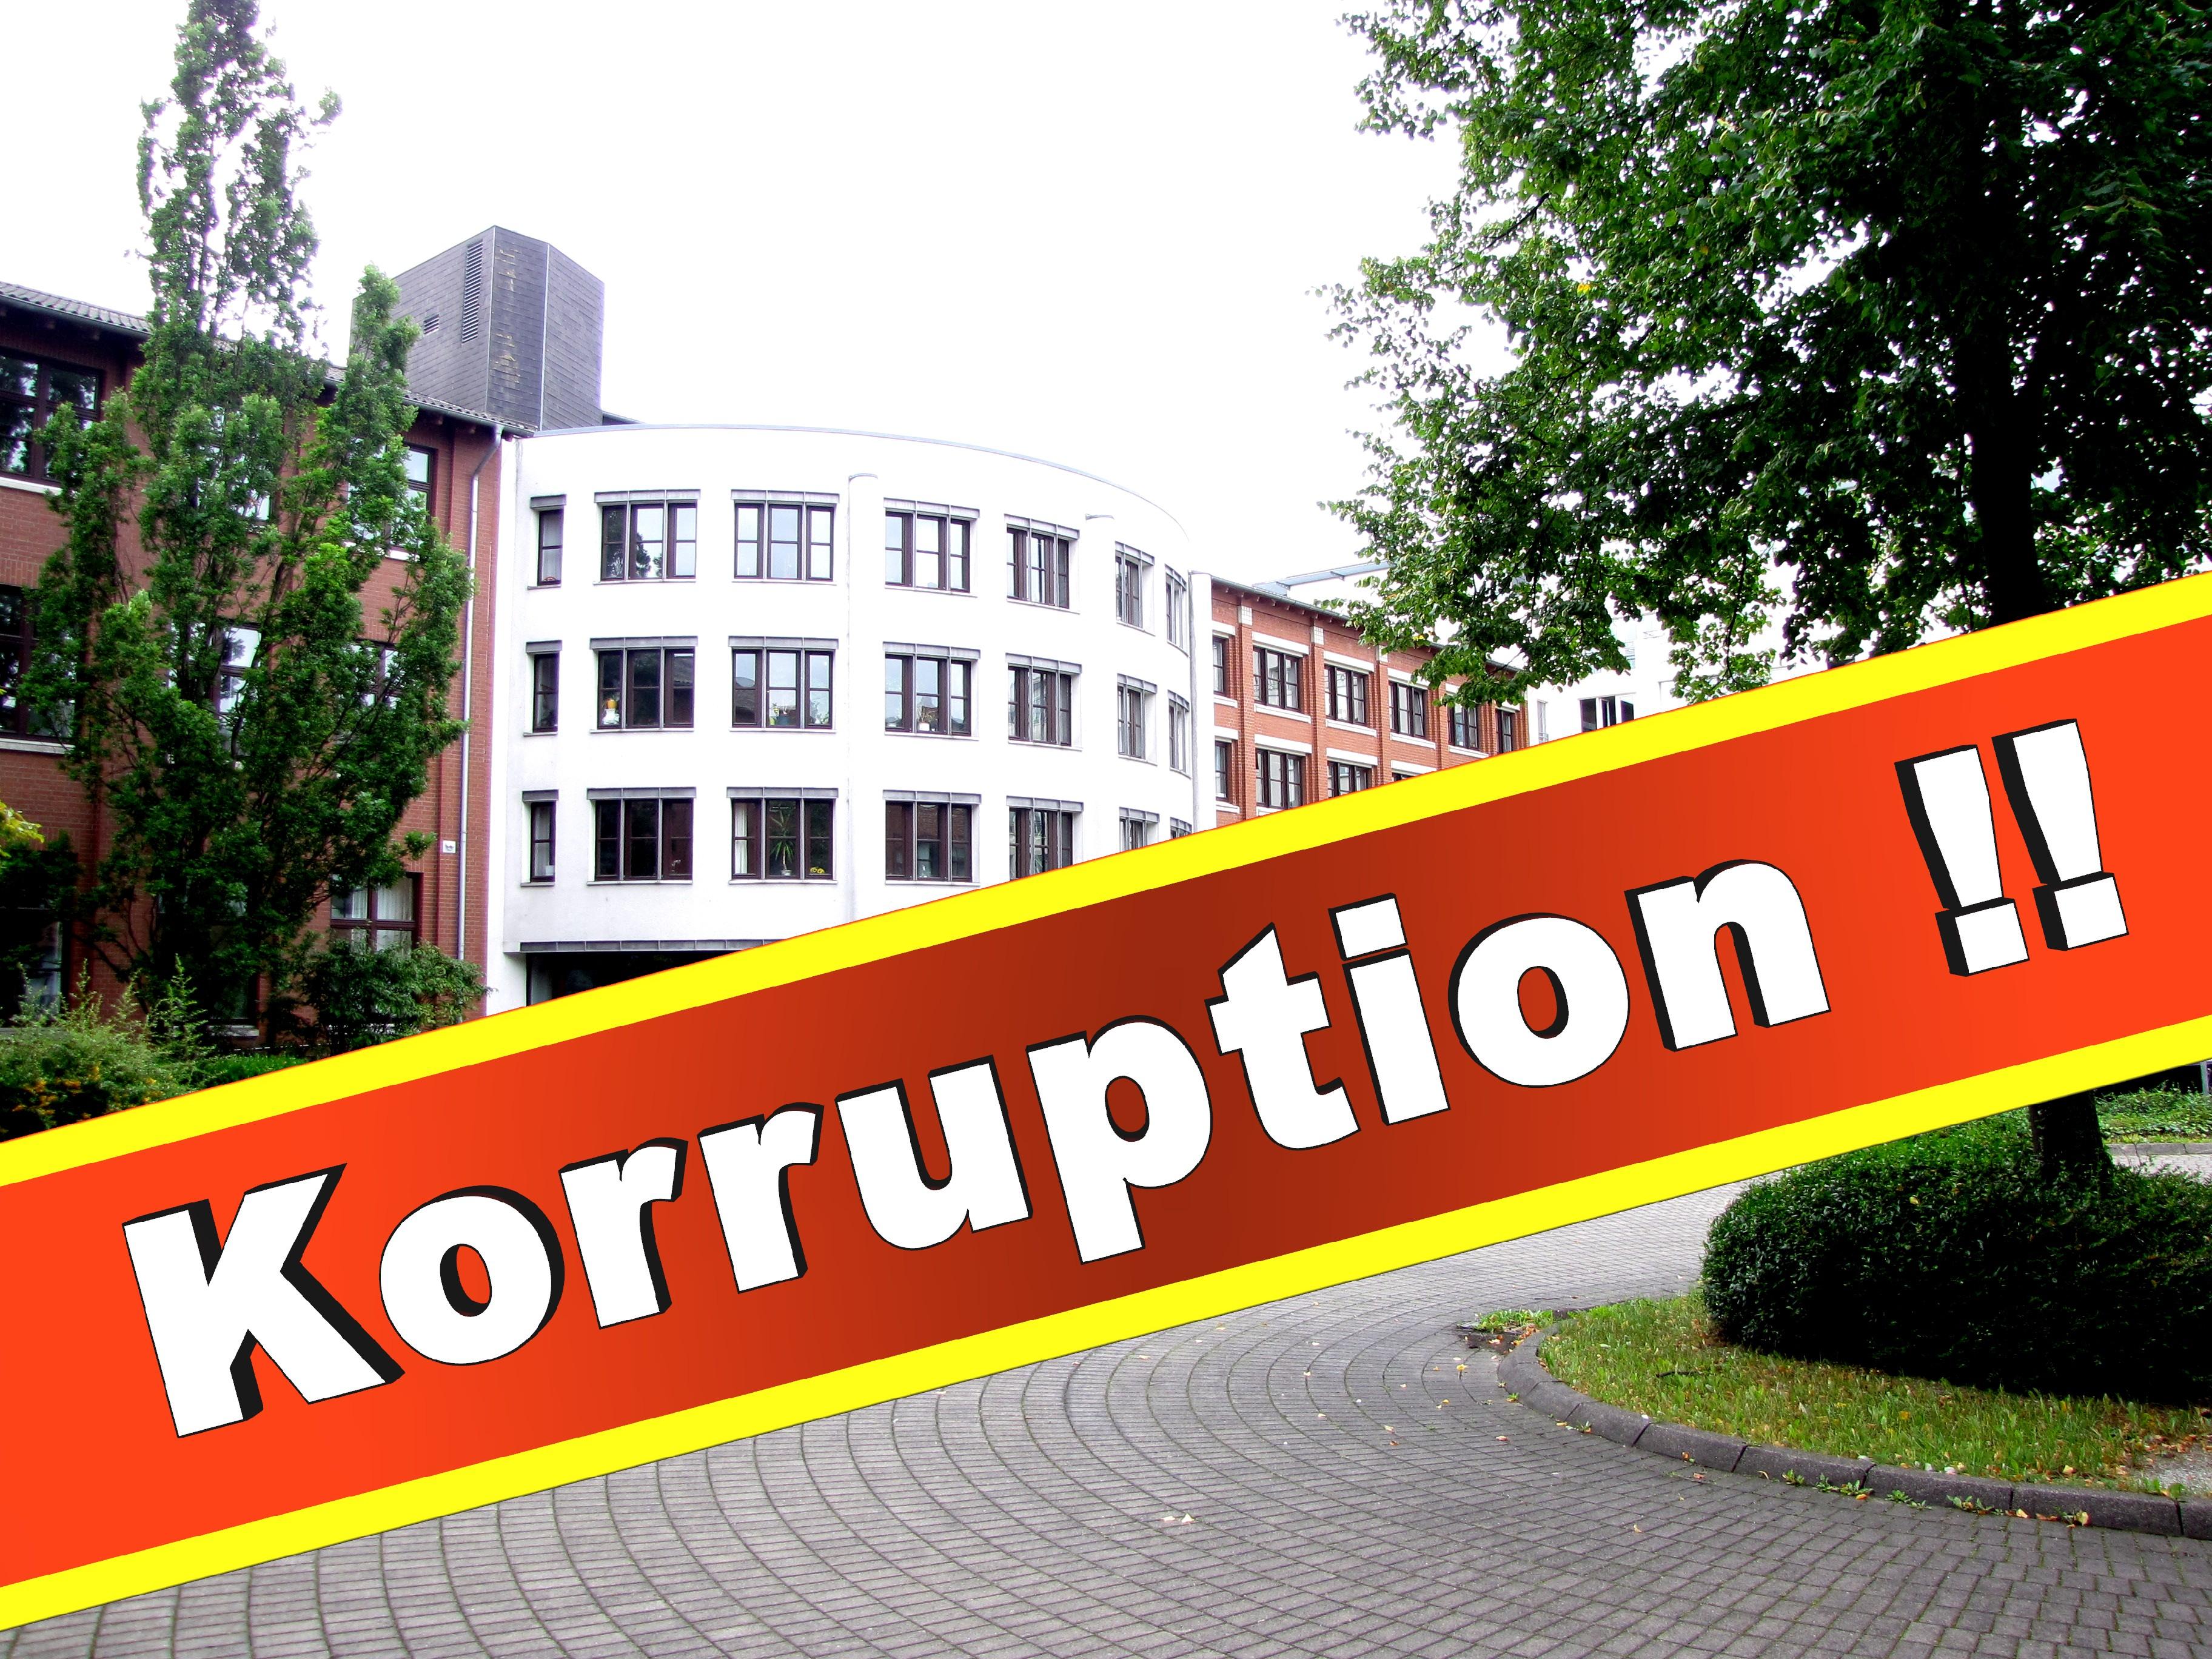 Gesundheitsamt Bielefeld Amtsarzt Adresse Gesundheitsbelehrung Telefon Schuleingangsuntersuchung Bielefeld Parken Gesundheitszeugnis (2)